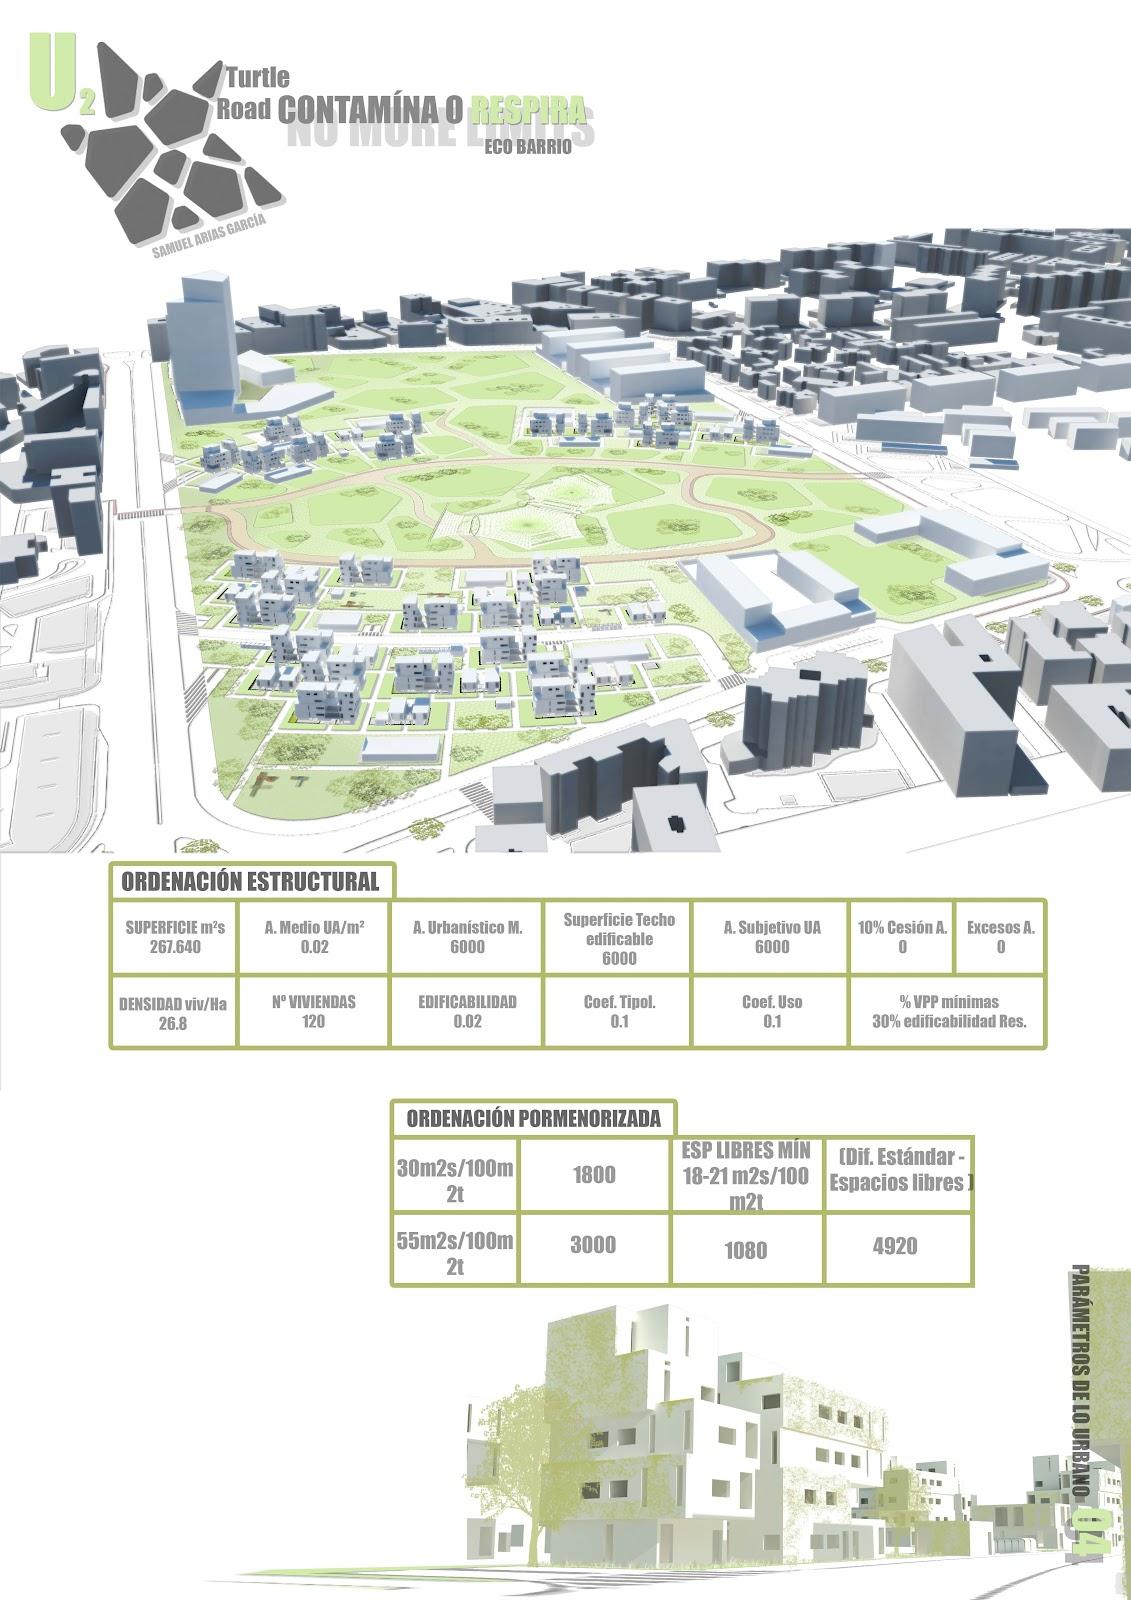 Sk studio u2 barrios habitables propuesta de barrio en antigua parcela repsol 02 02 turtle road - Ets arquitectura malaga ...